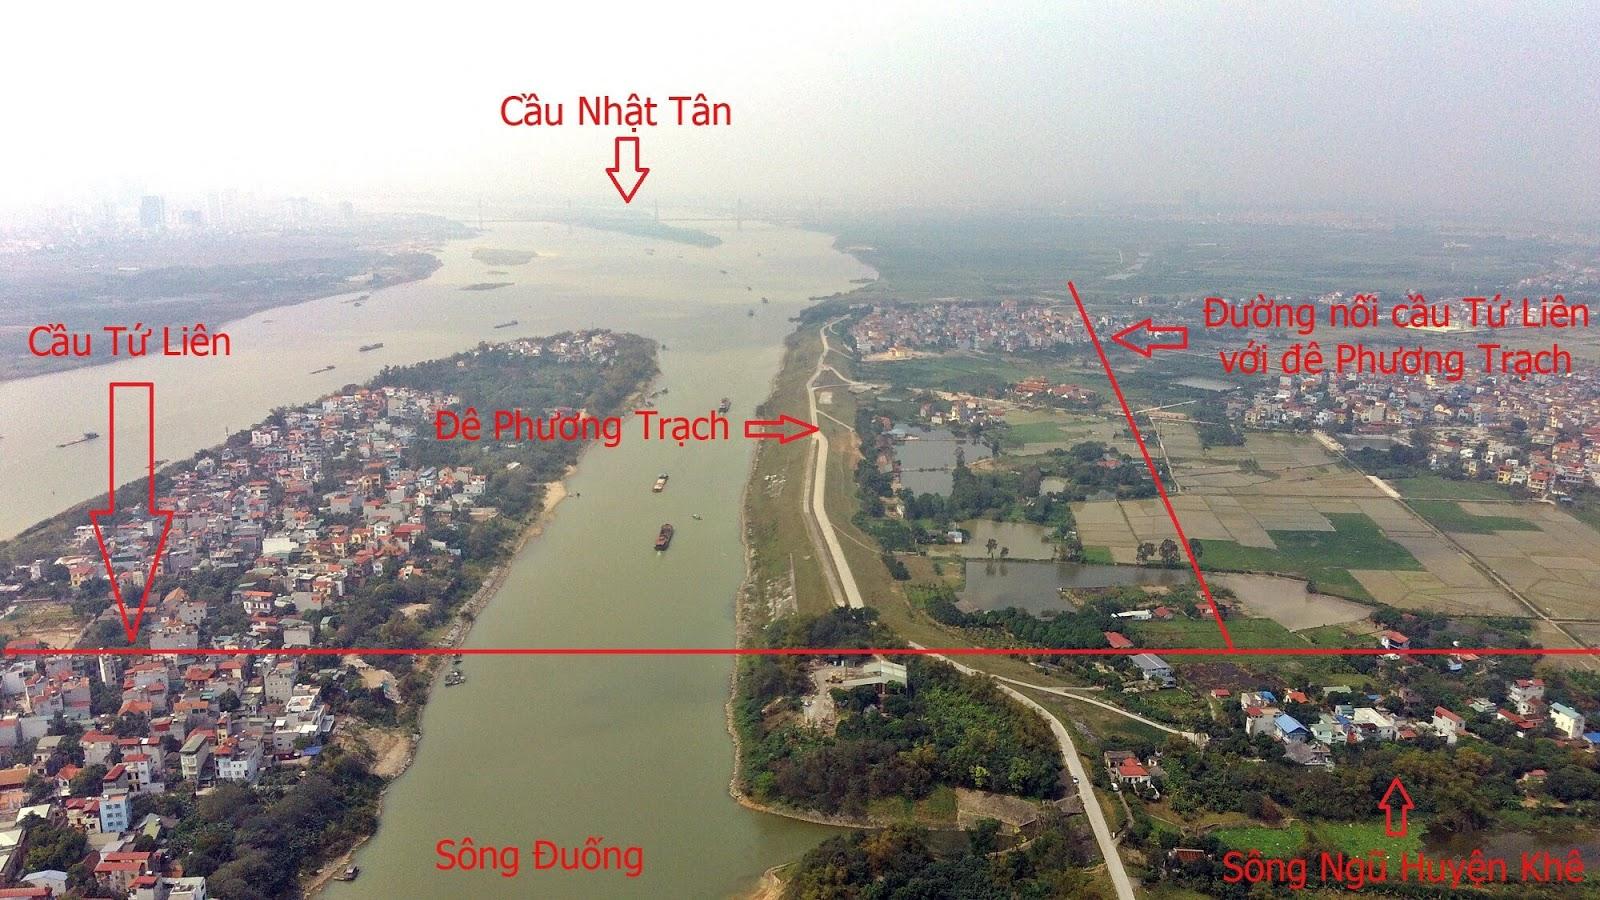 Cầu Tứ Liên đi qua đê Phương Trạch và sông Hồng.